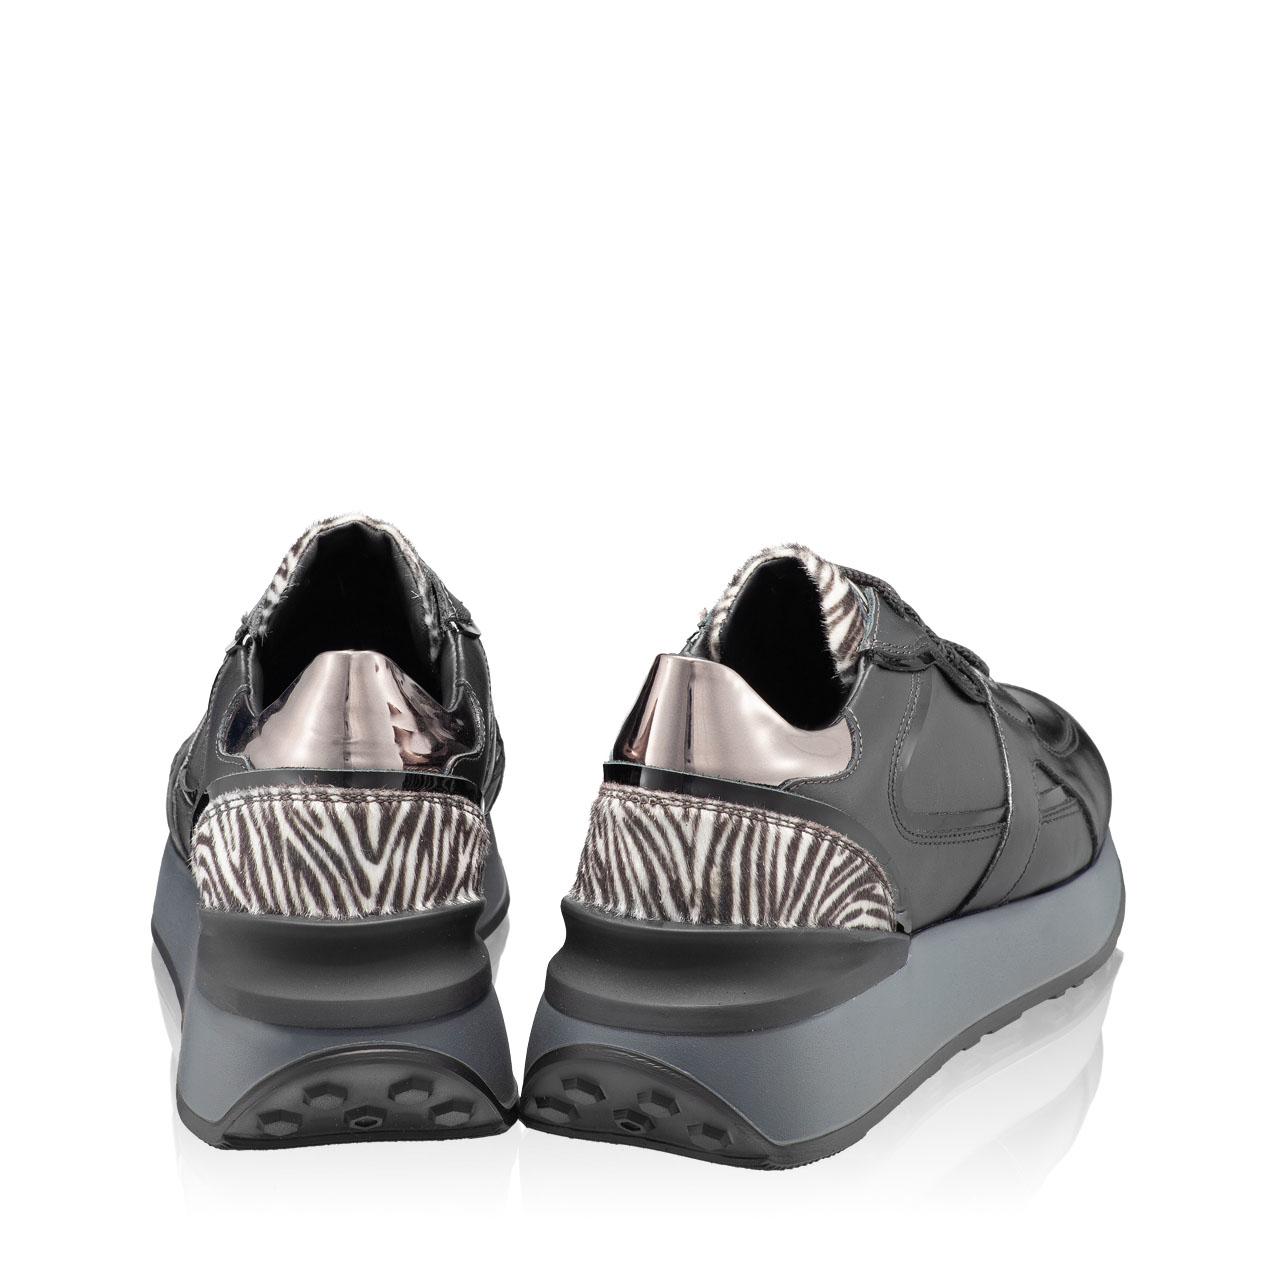 Picture of 5900 Vitello Negru+Zebra